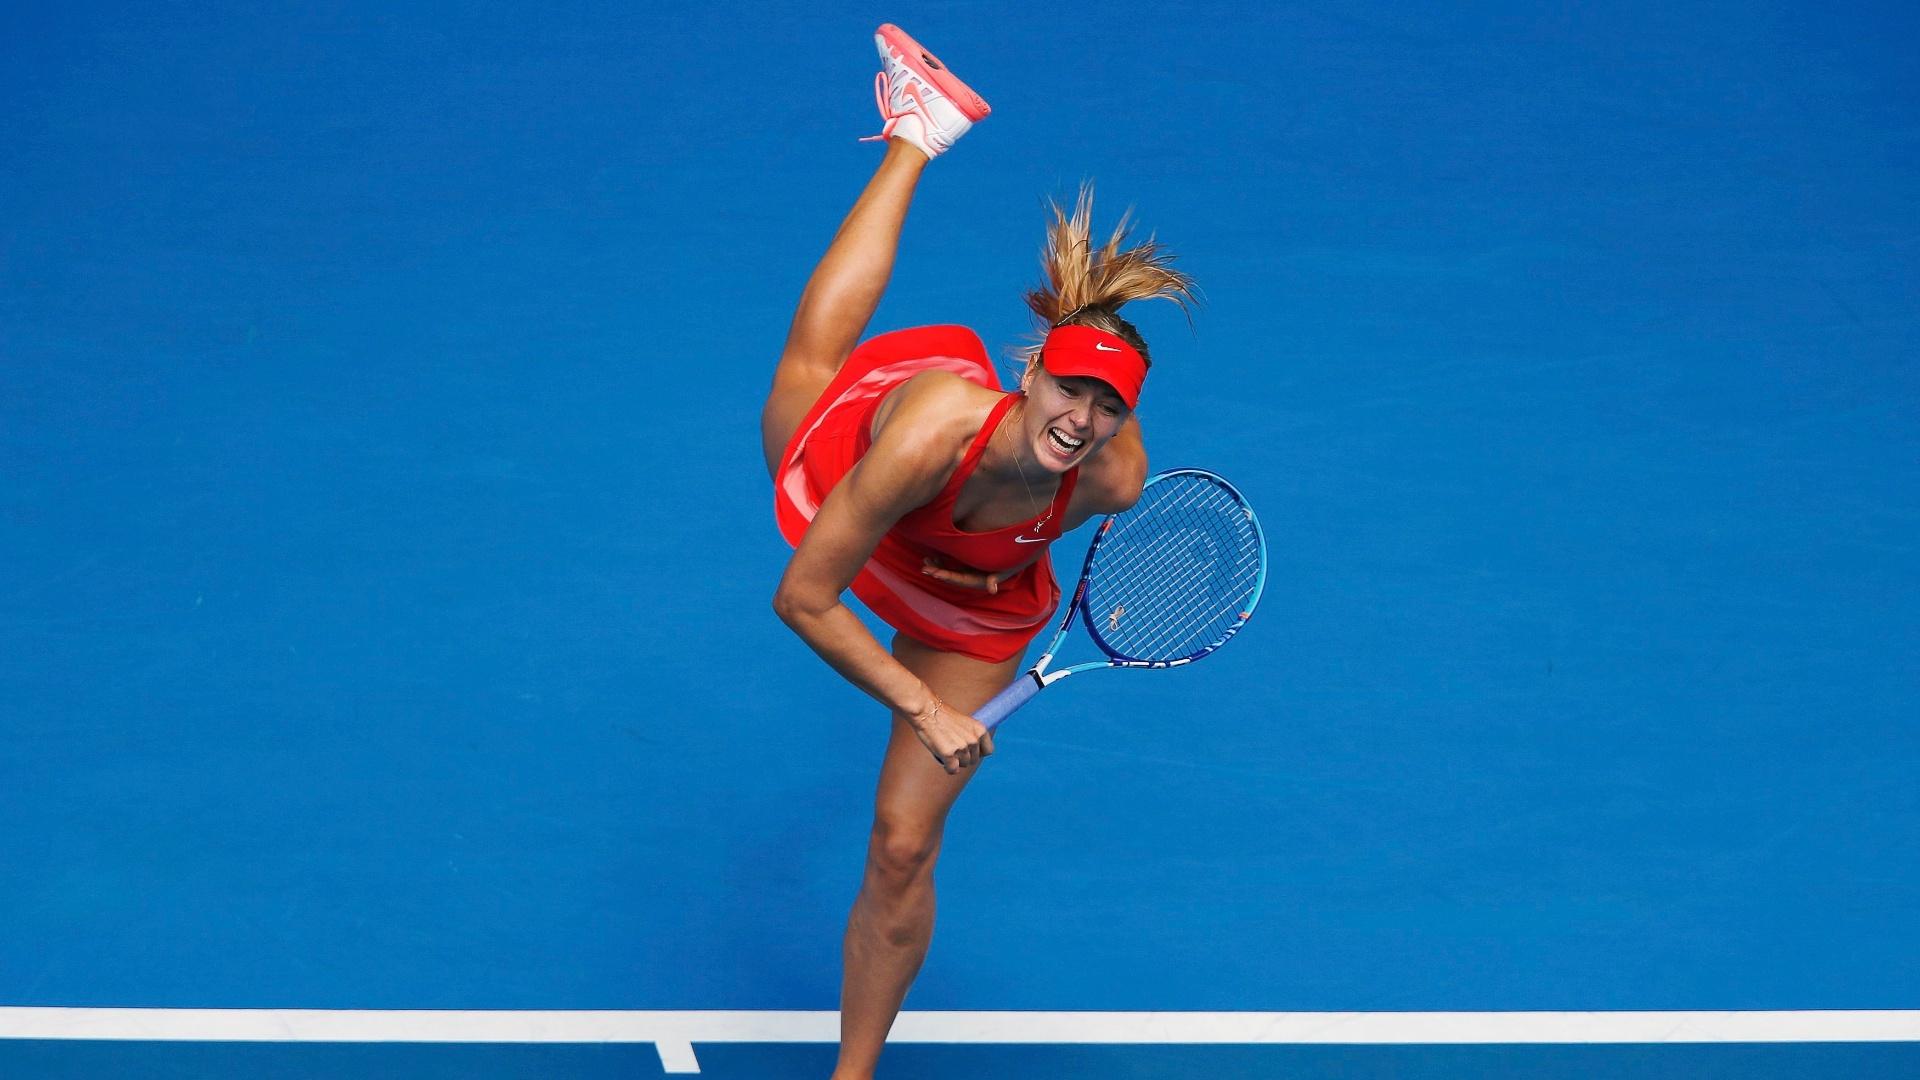 Maria Sharapova perdeu um set, mas venceu a compatriota Alexandra Panova e avançou na competição